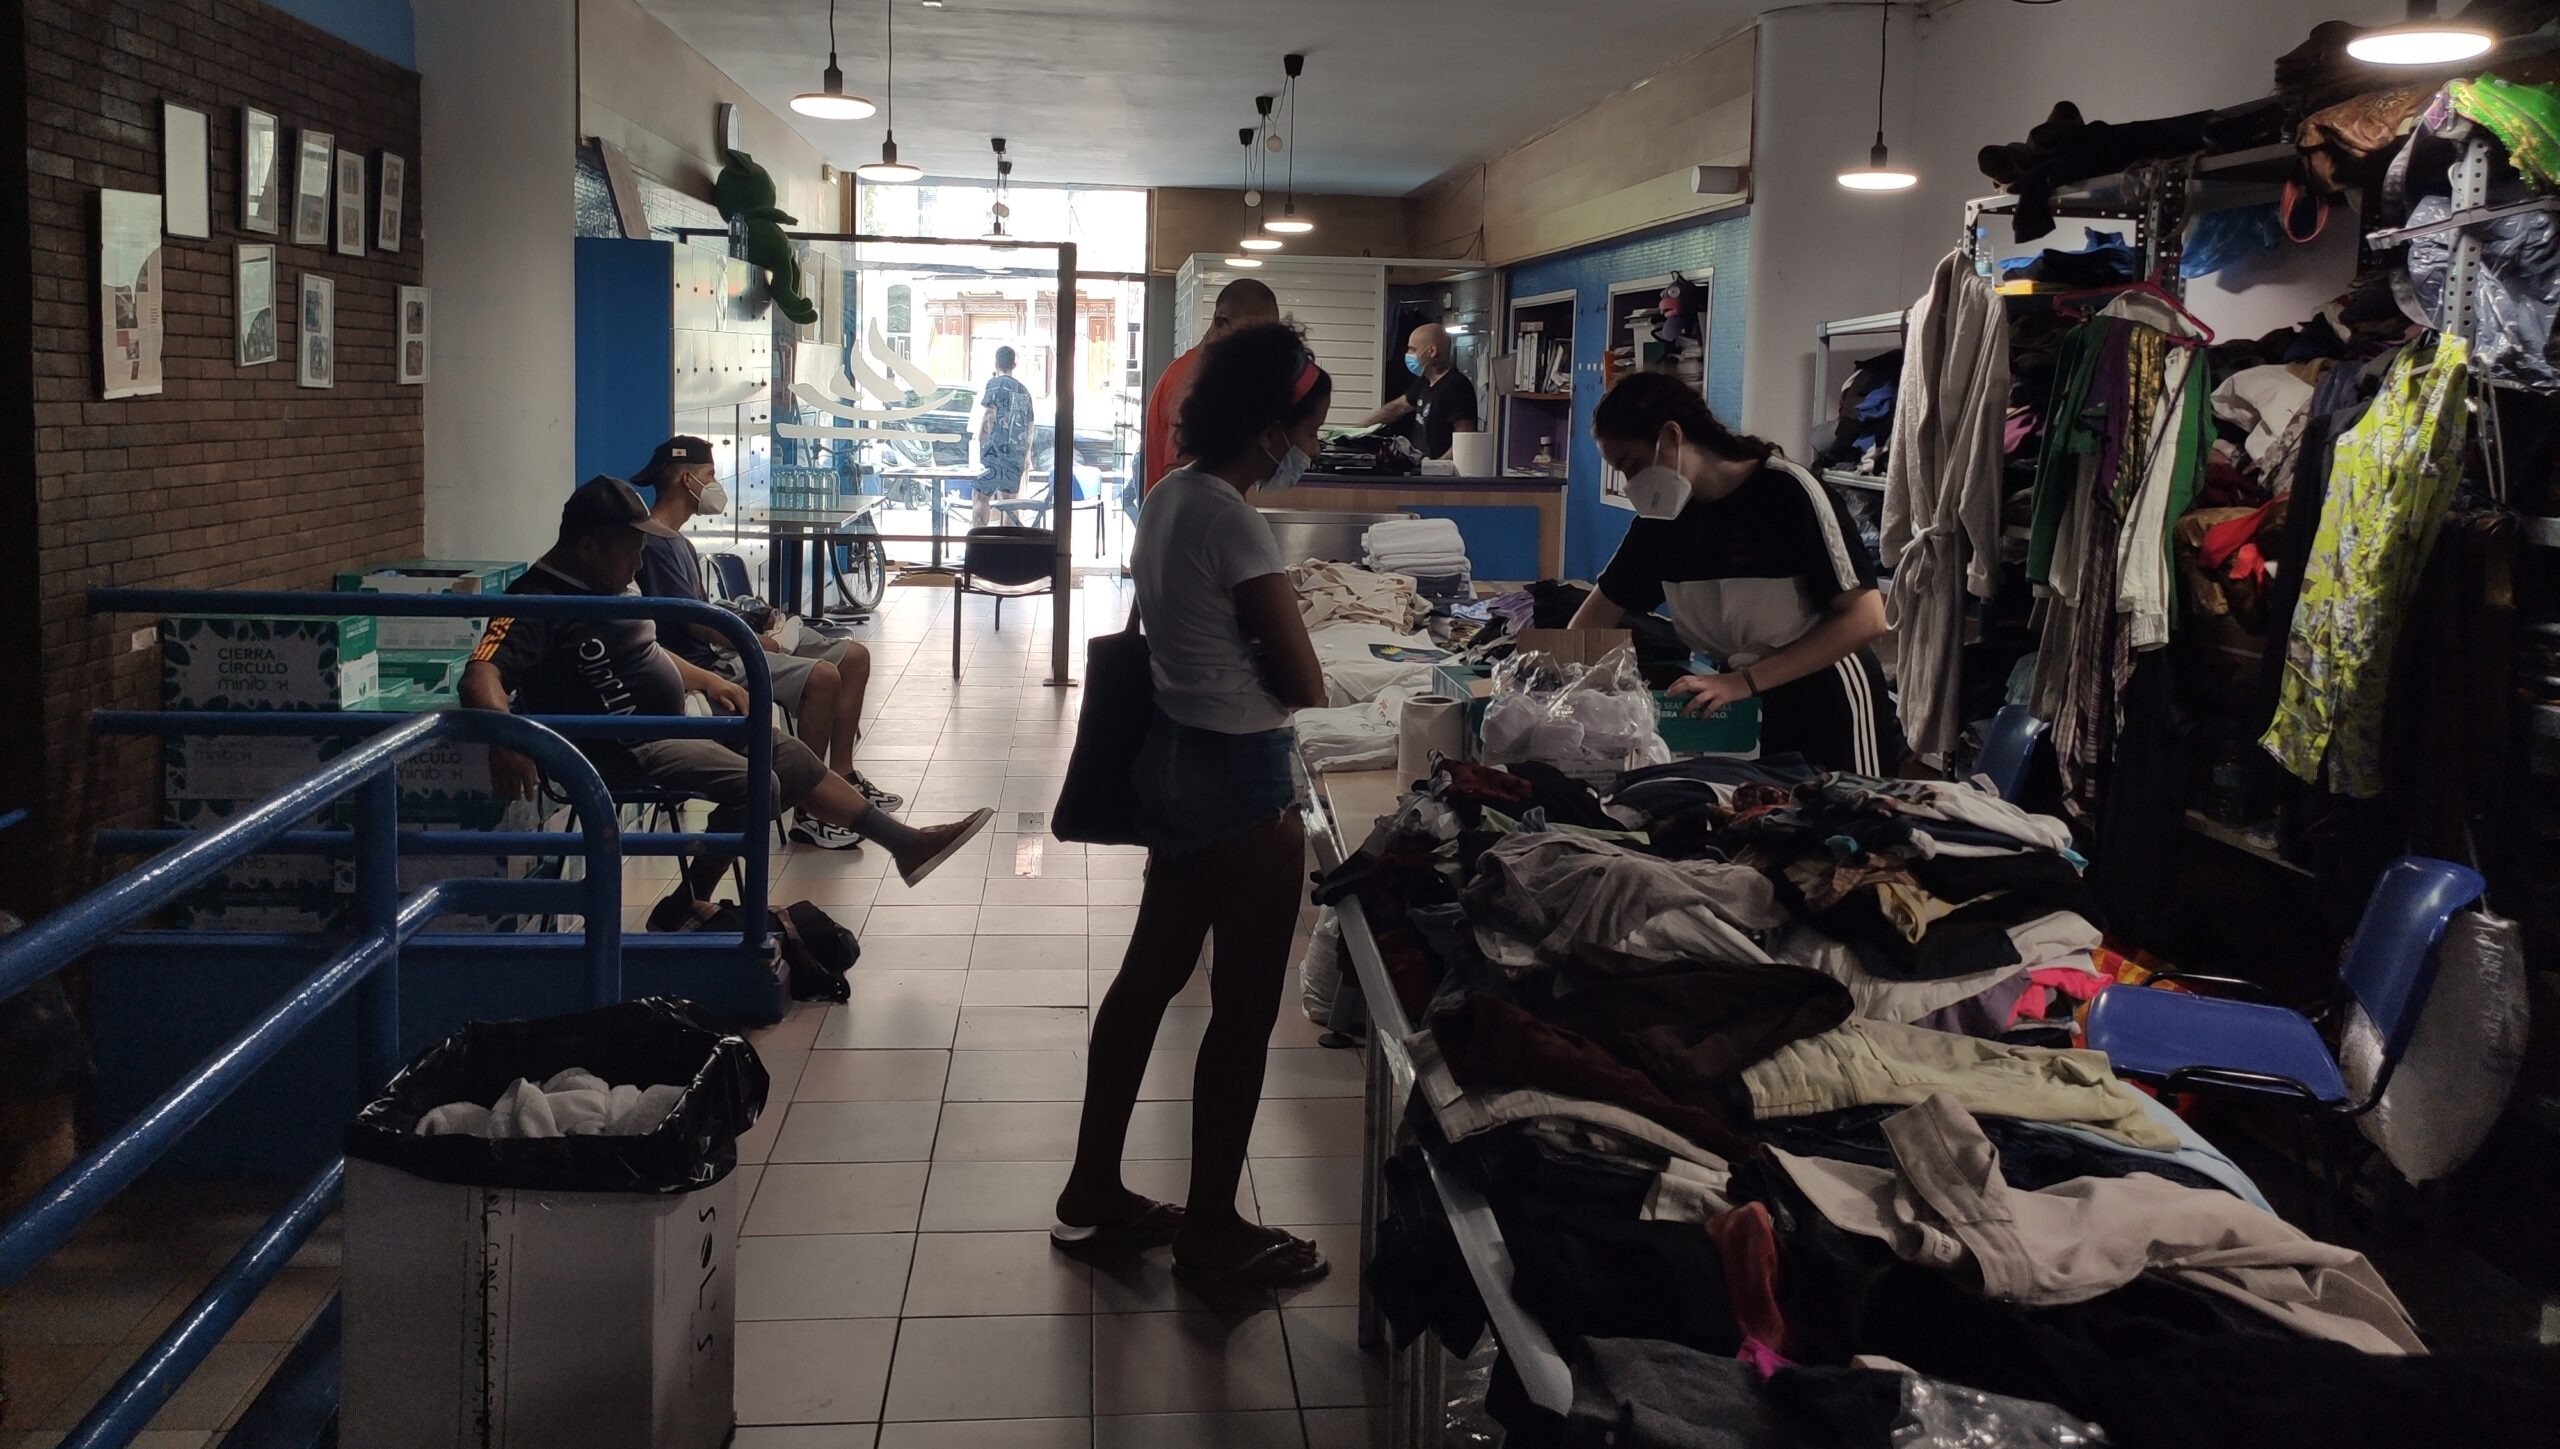 Els treballadors del Sant Pau oferint roba als usuaris / Gimnàs Social Sant Pau